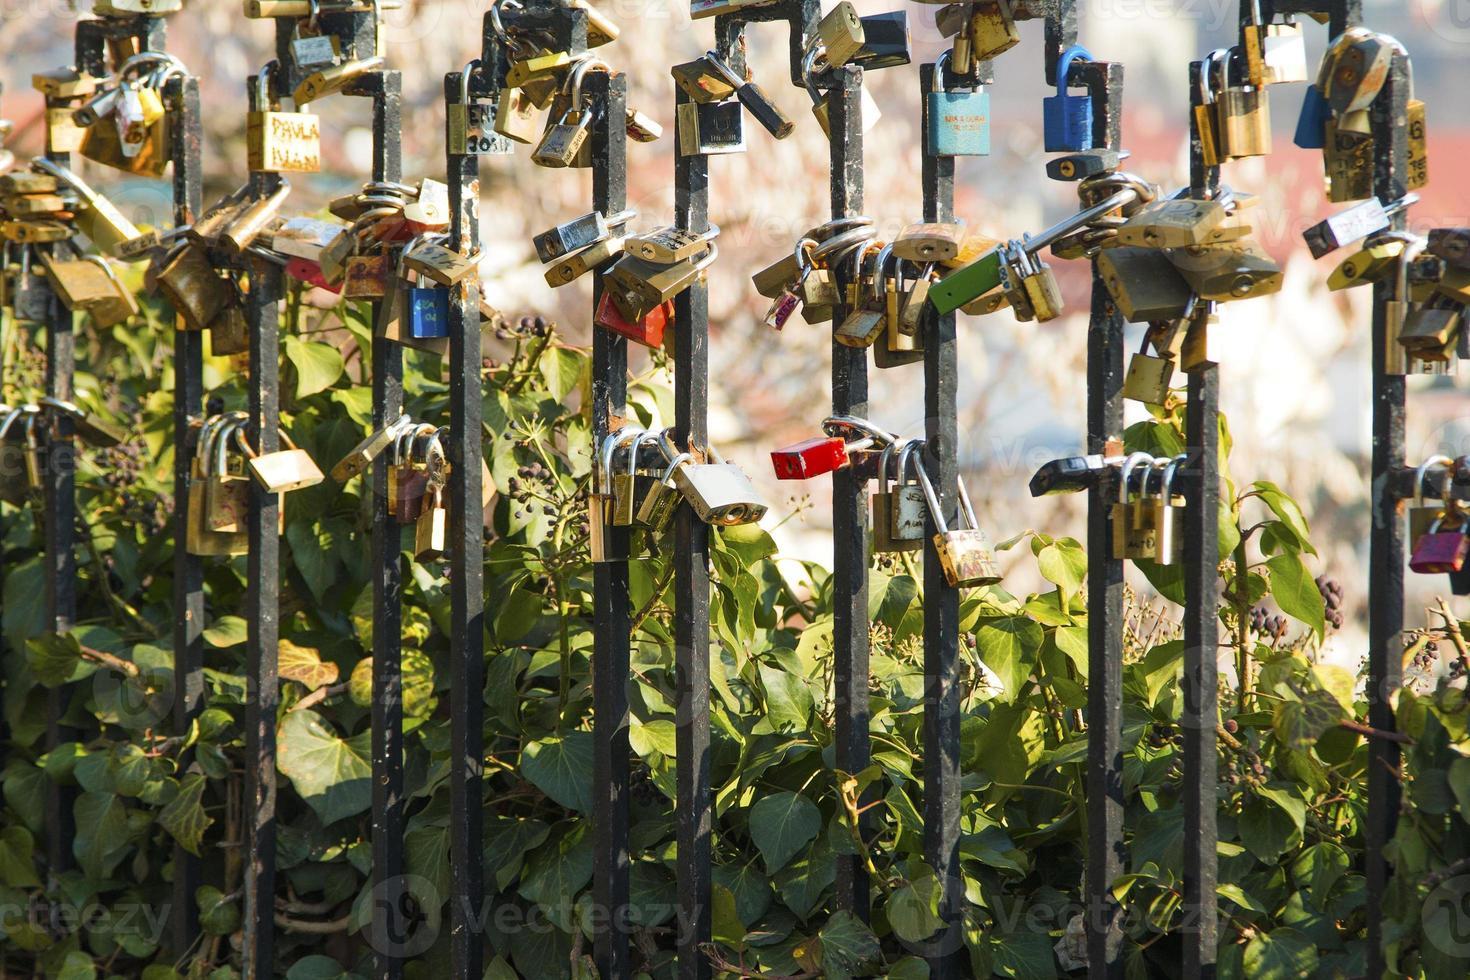 serrature d'amore foto